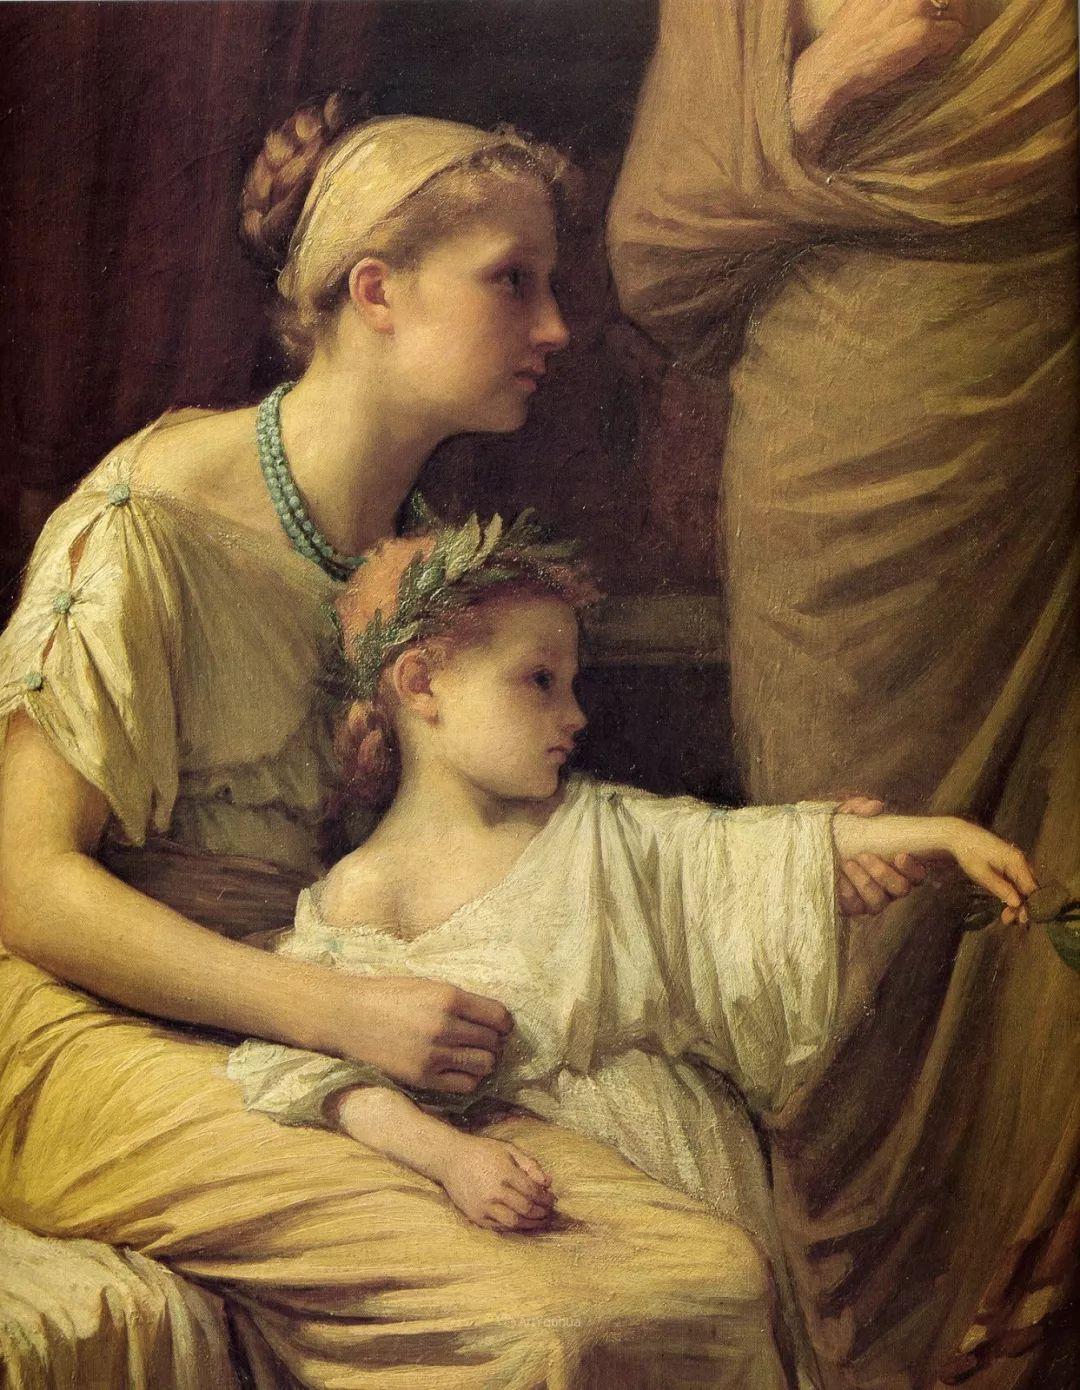 美若天仙的唯美诗性 ,英国皇家美术学院院士约翰·威廉姆·沃特豪斯插图51